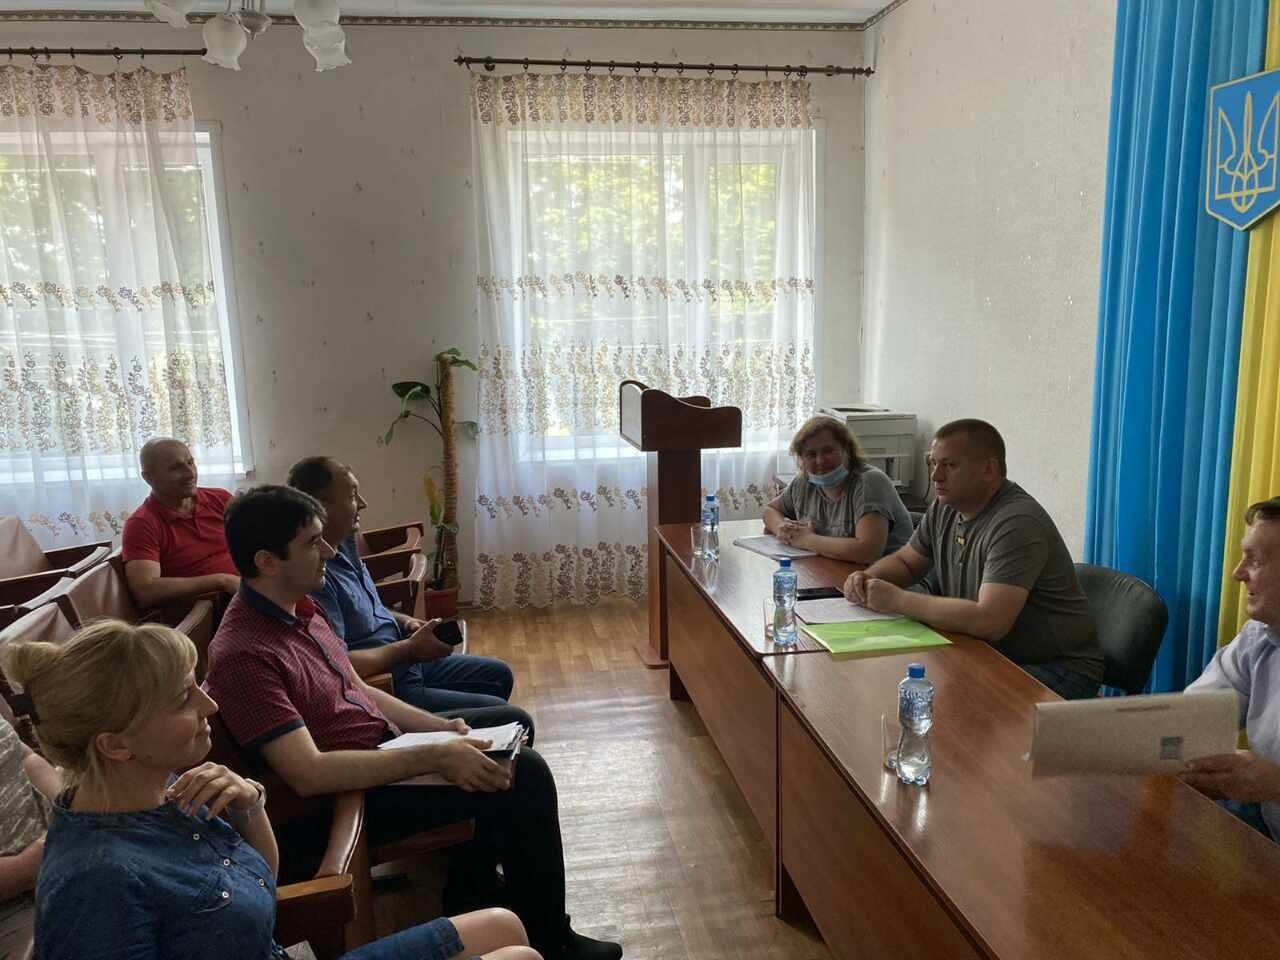 Було проведено семінари щодо державної та регіональної підтримки й земельної реформи в громадах Донецької області